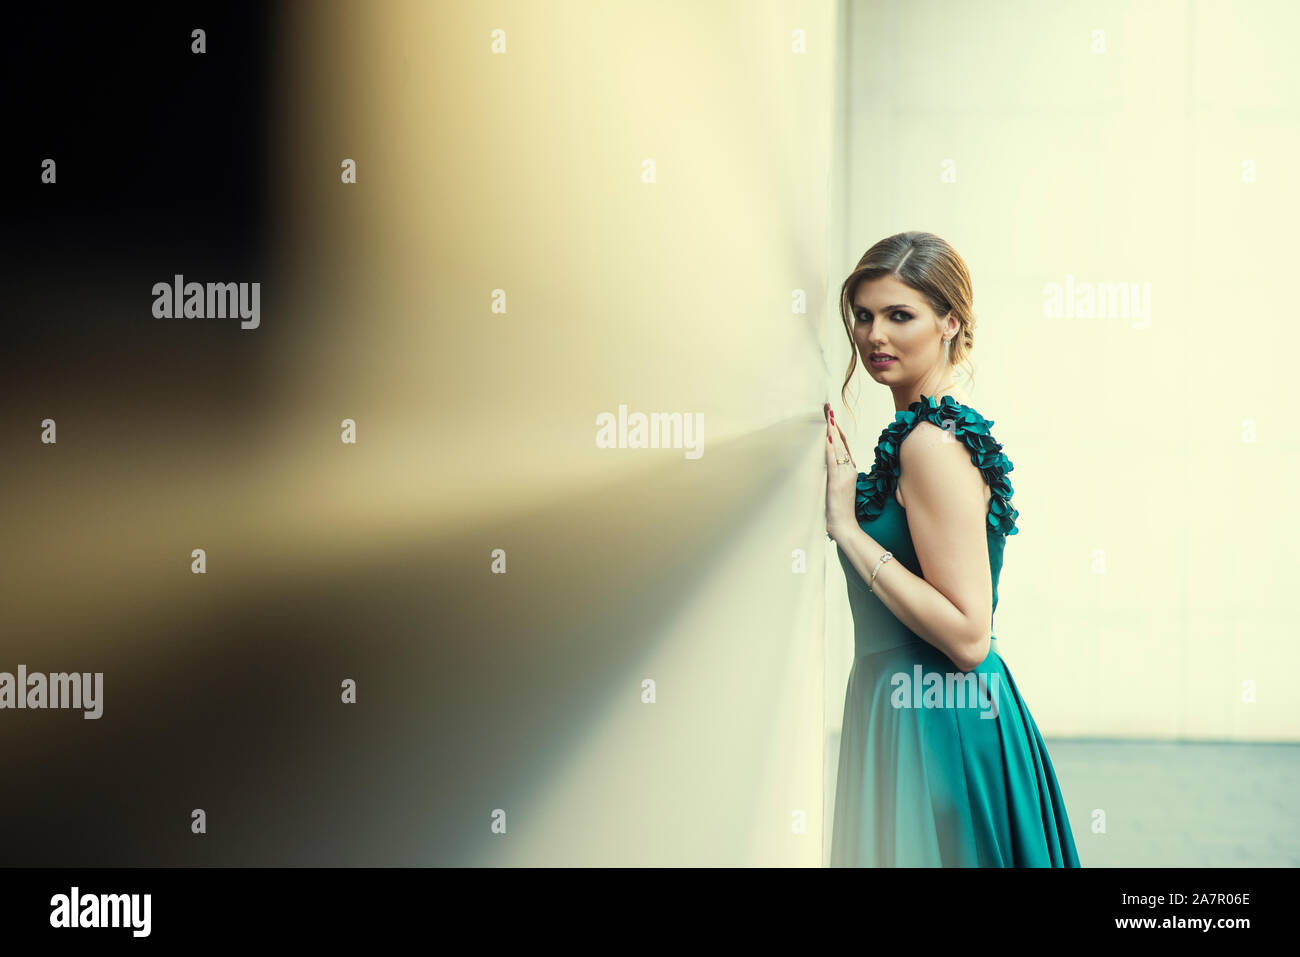 Bella donna appoggiata contro la parete all'esterno guardando la fotocamera Foto Stock